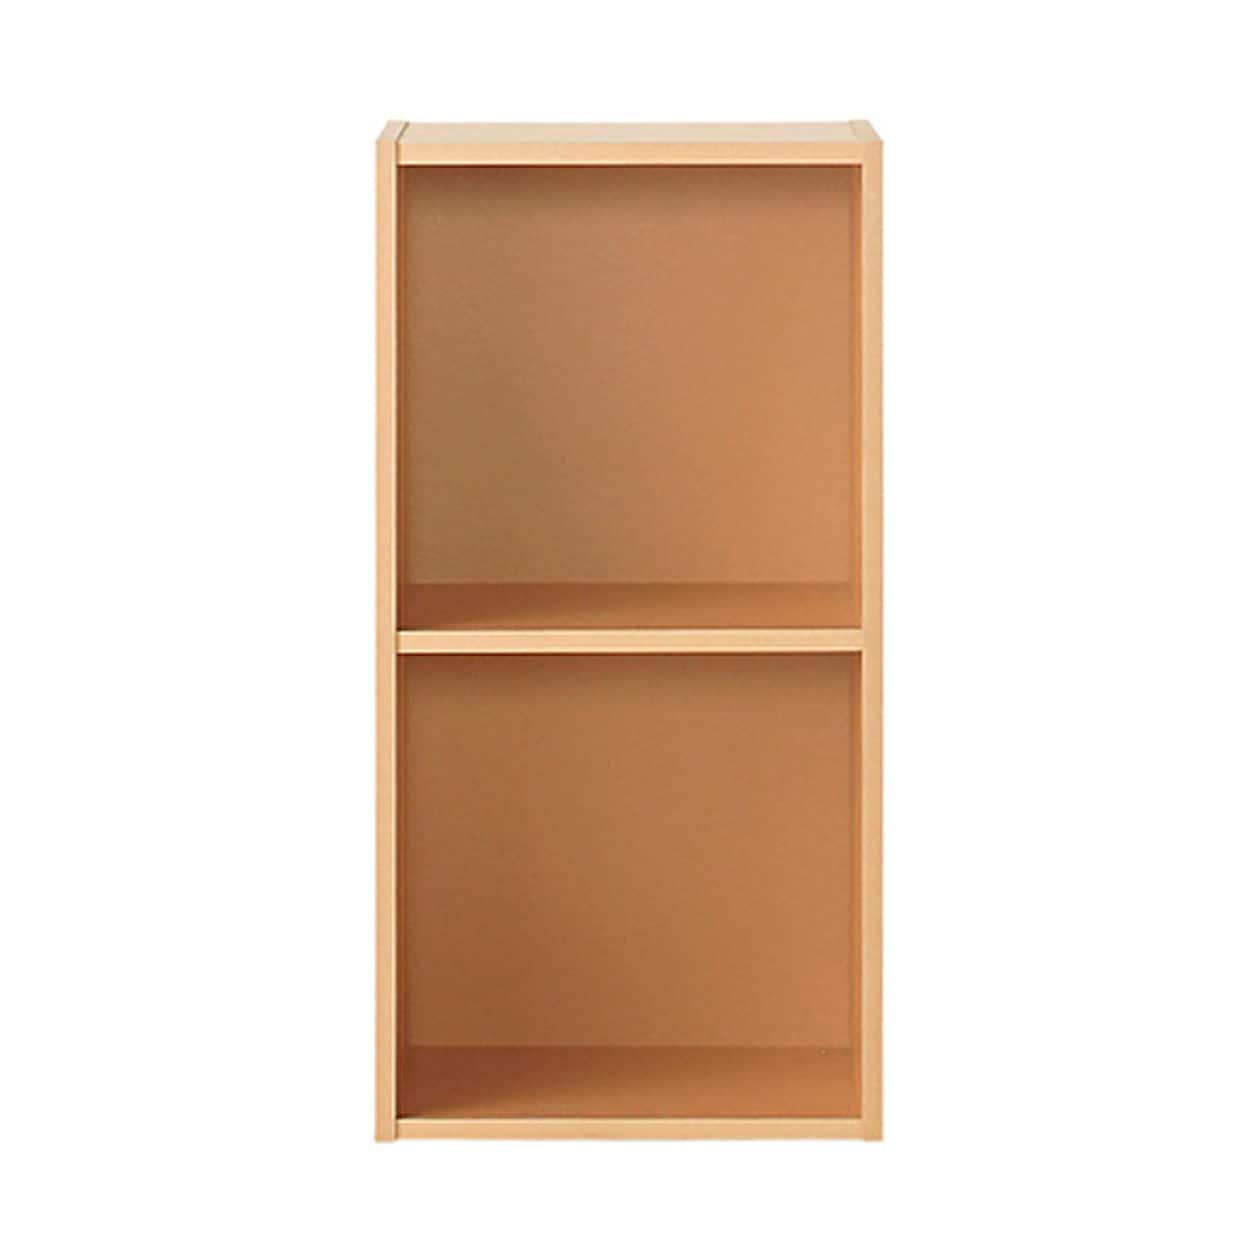 カラー ボックス サイズ